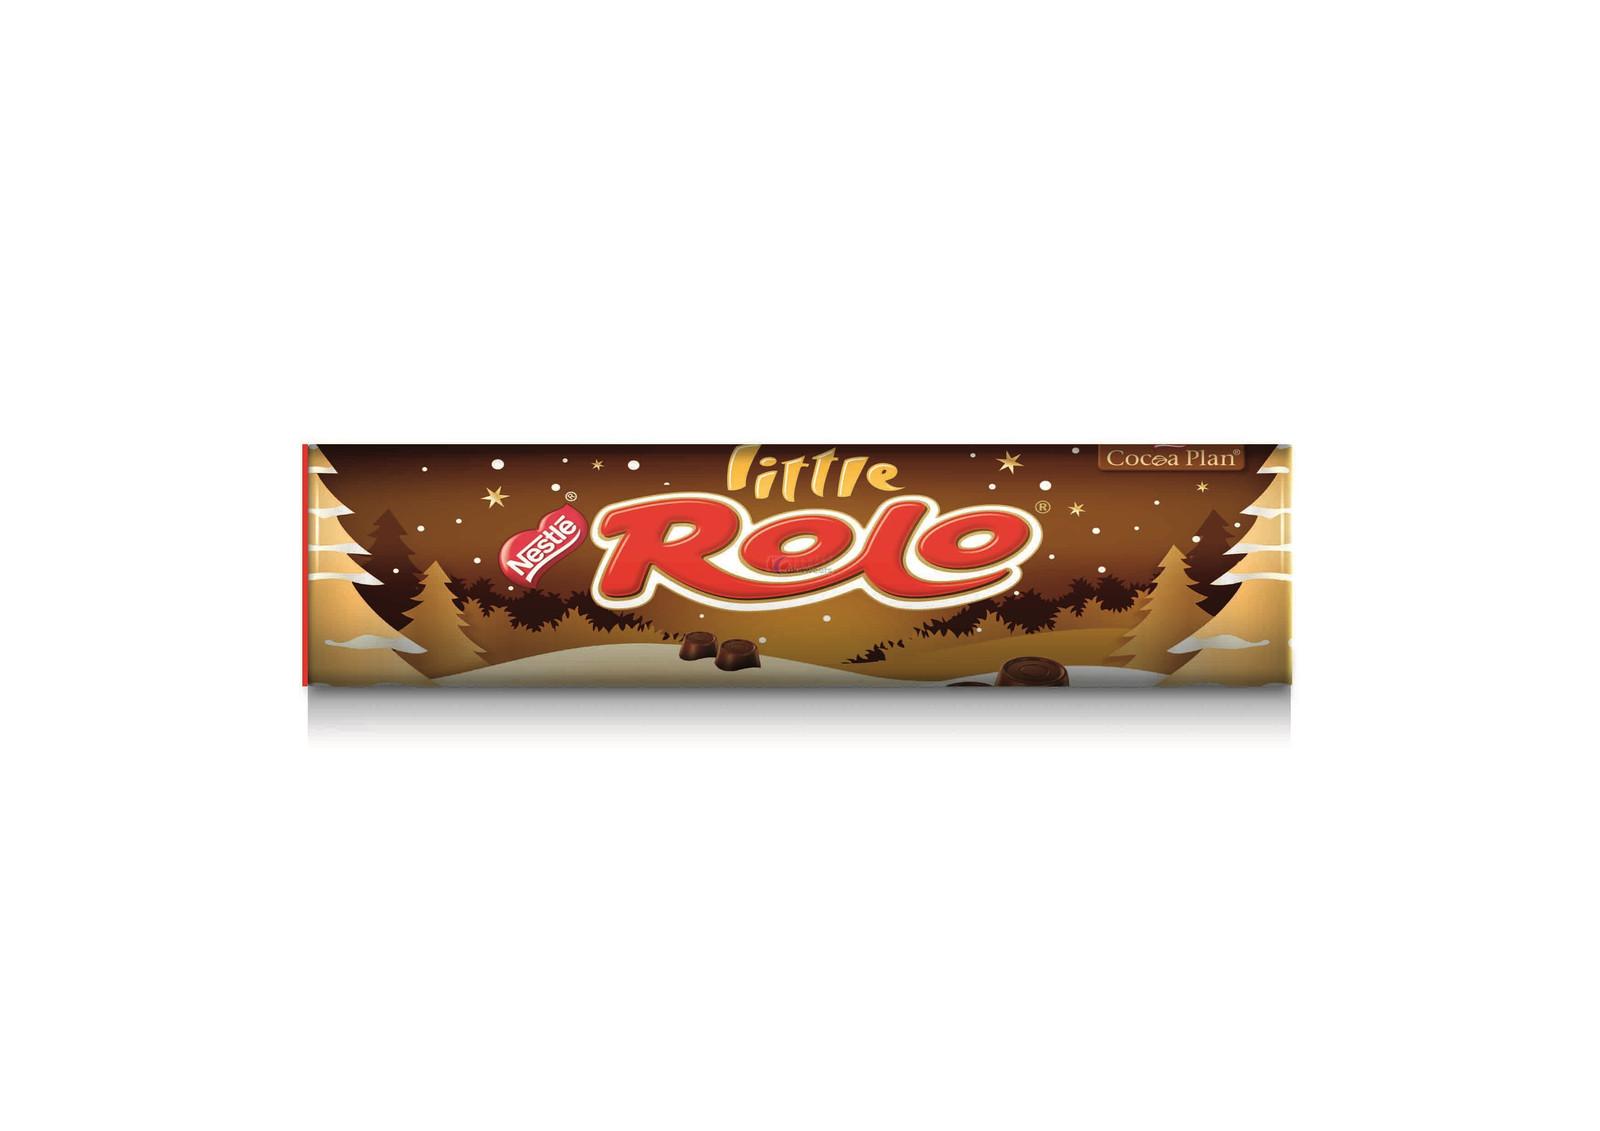 Nestle - Little Rolo Giant Tube 100g image